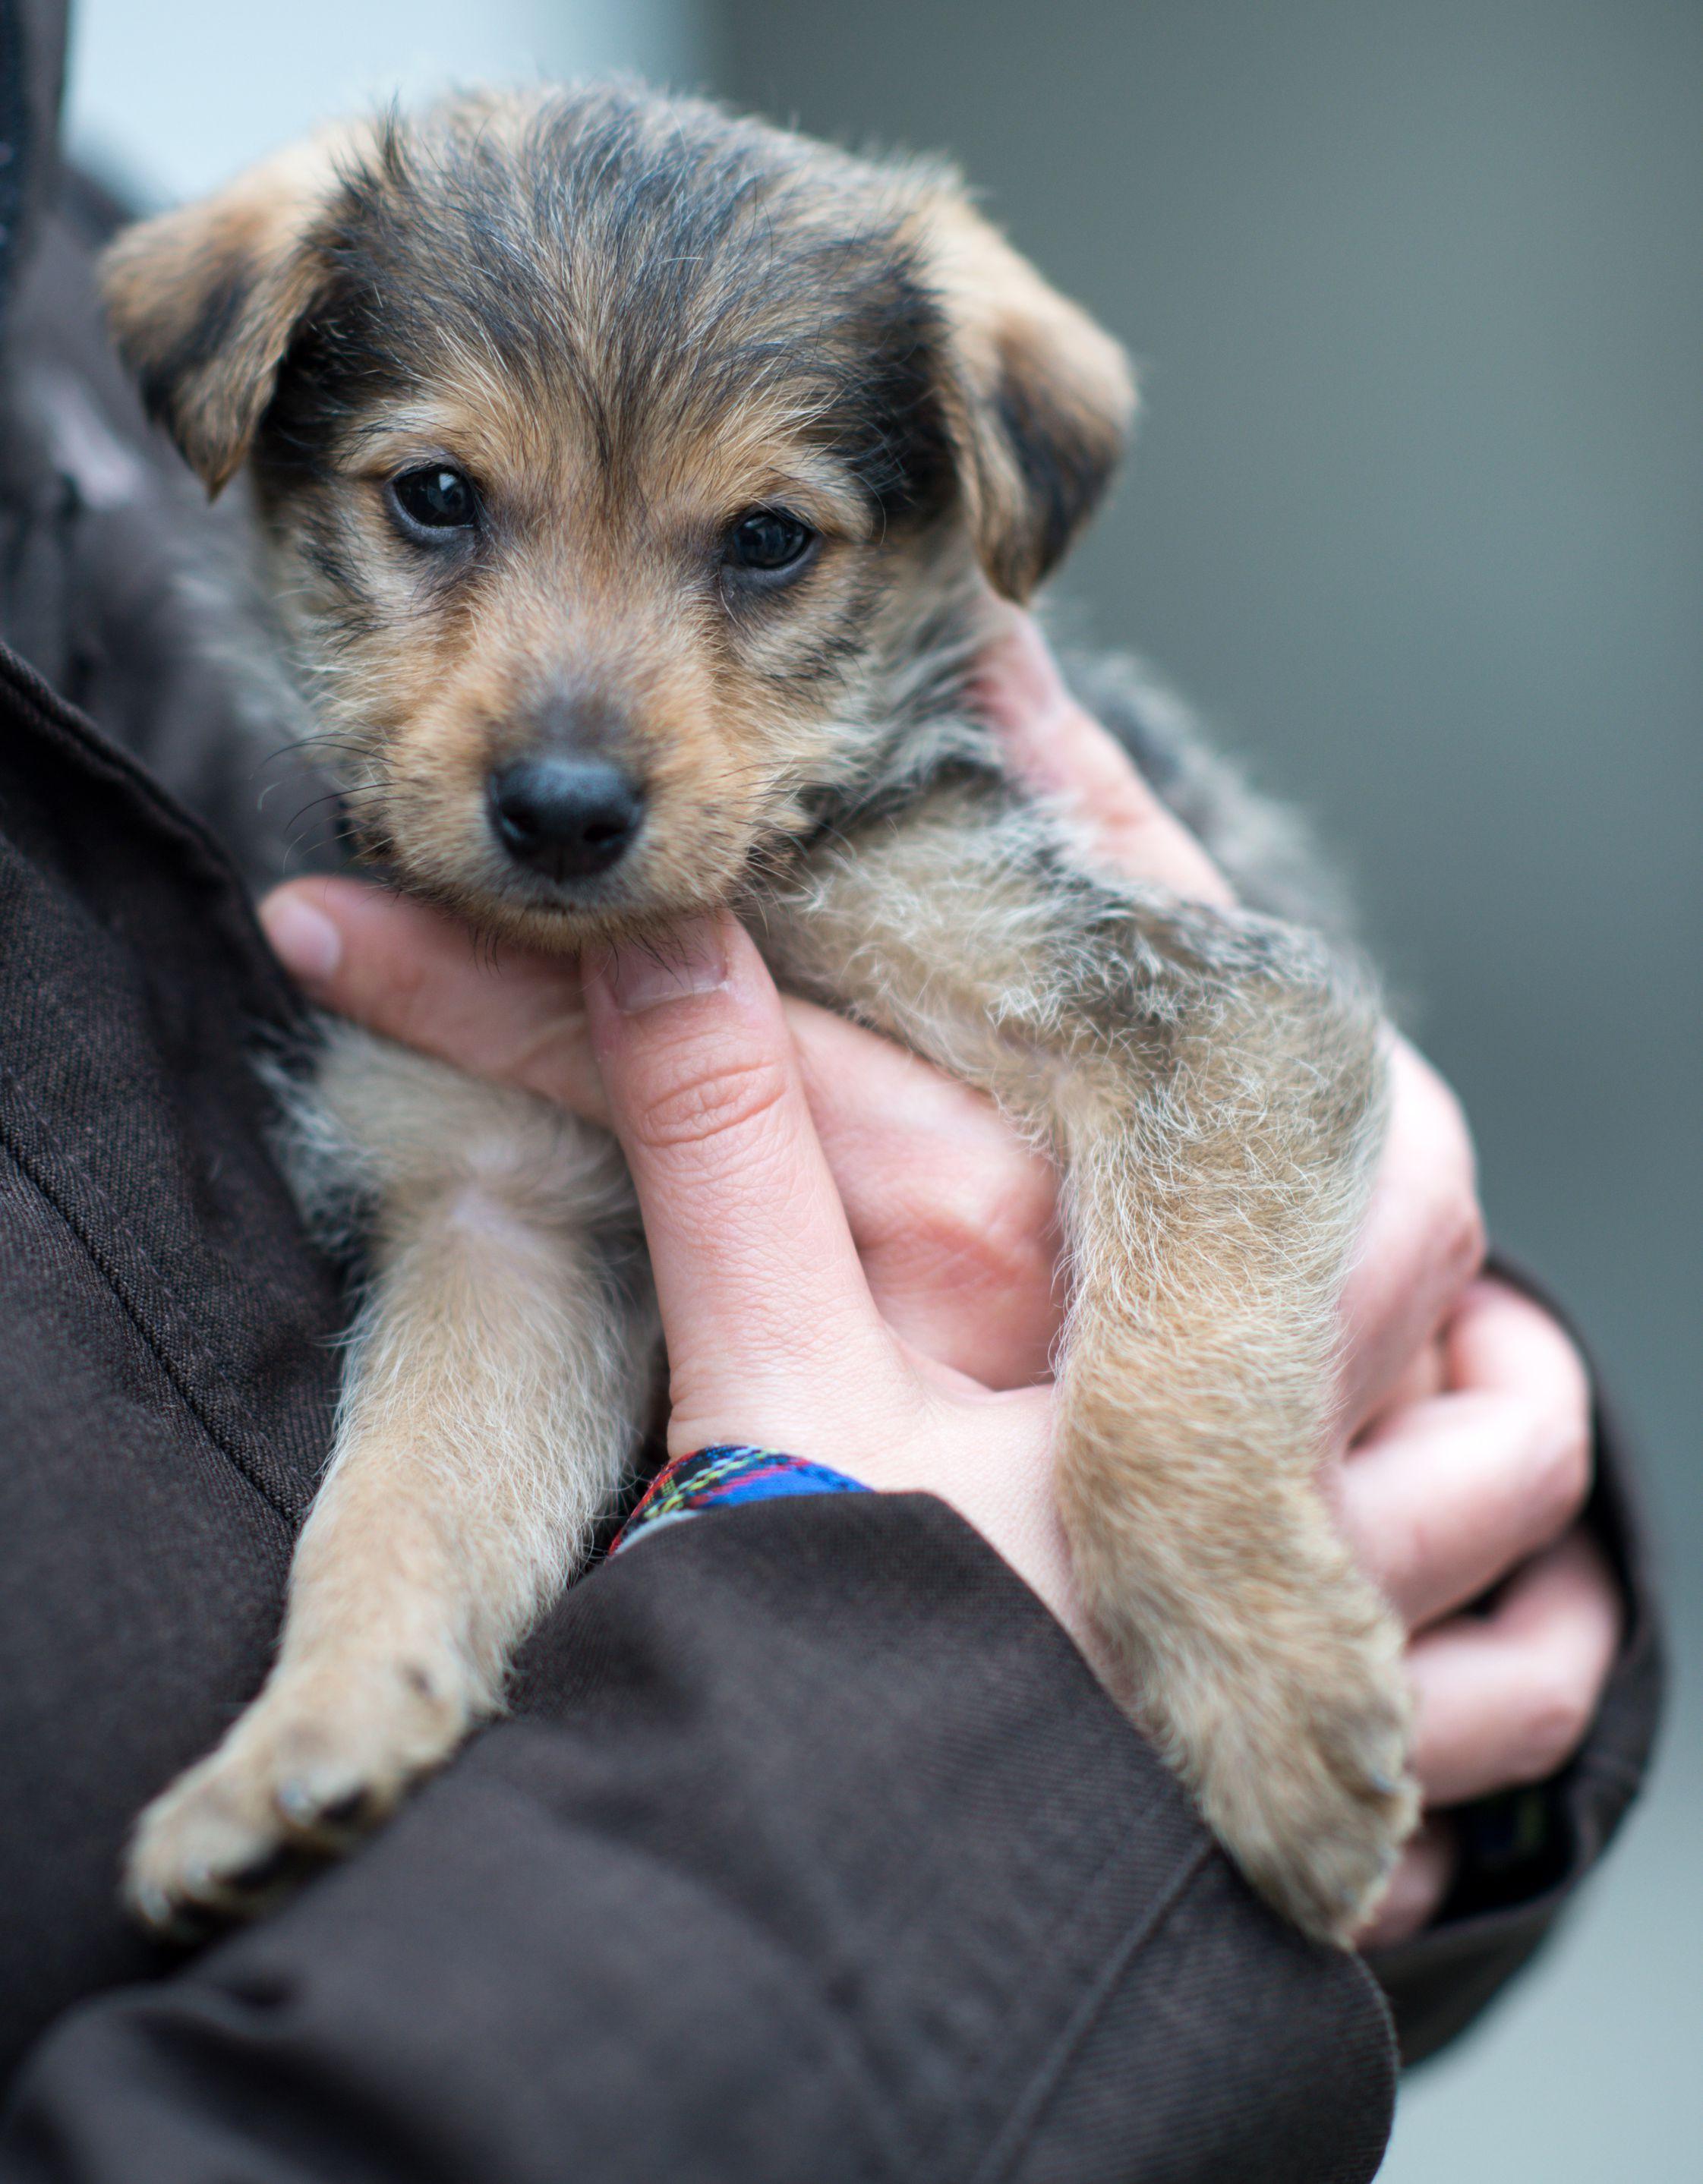 Mischlingswelpen Im Tierheim Warten Viele Kleine Hunde Auf Ein Zuhause